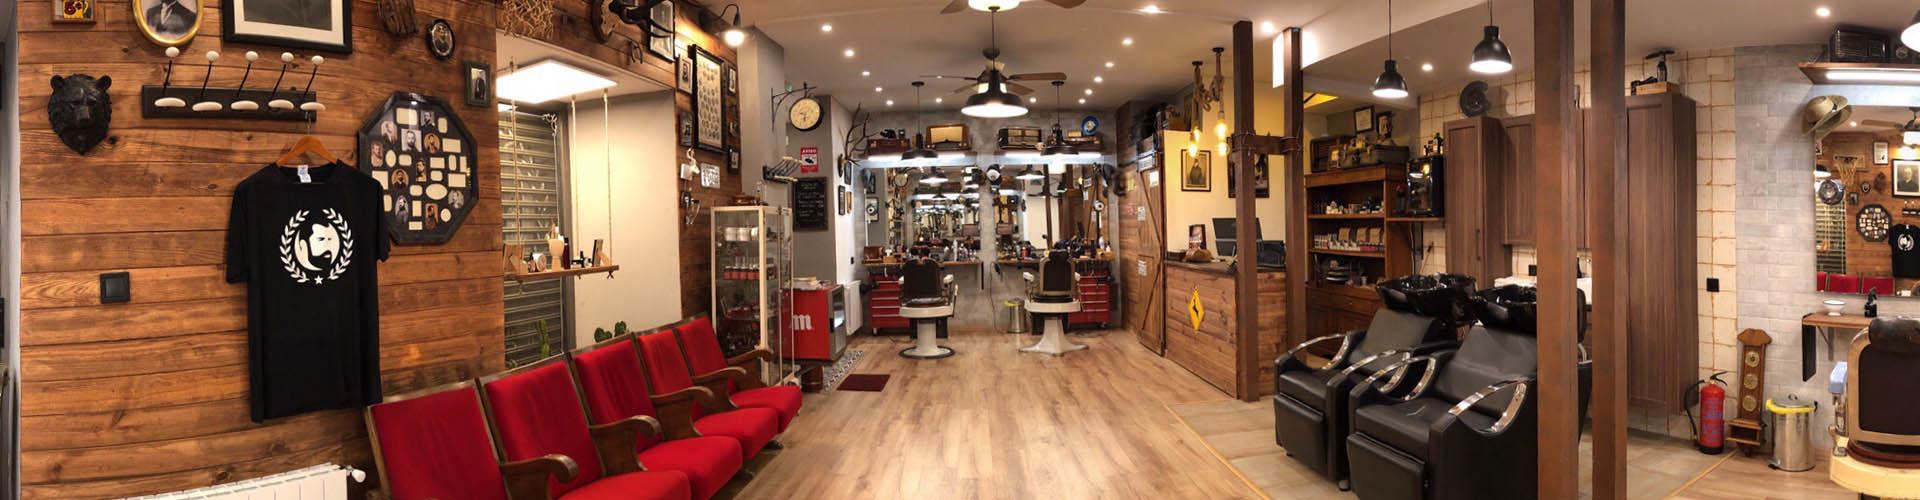 Barbería Bearbero en calle Huertas